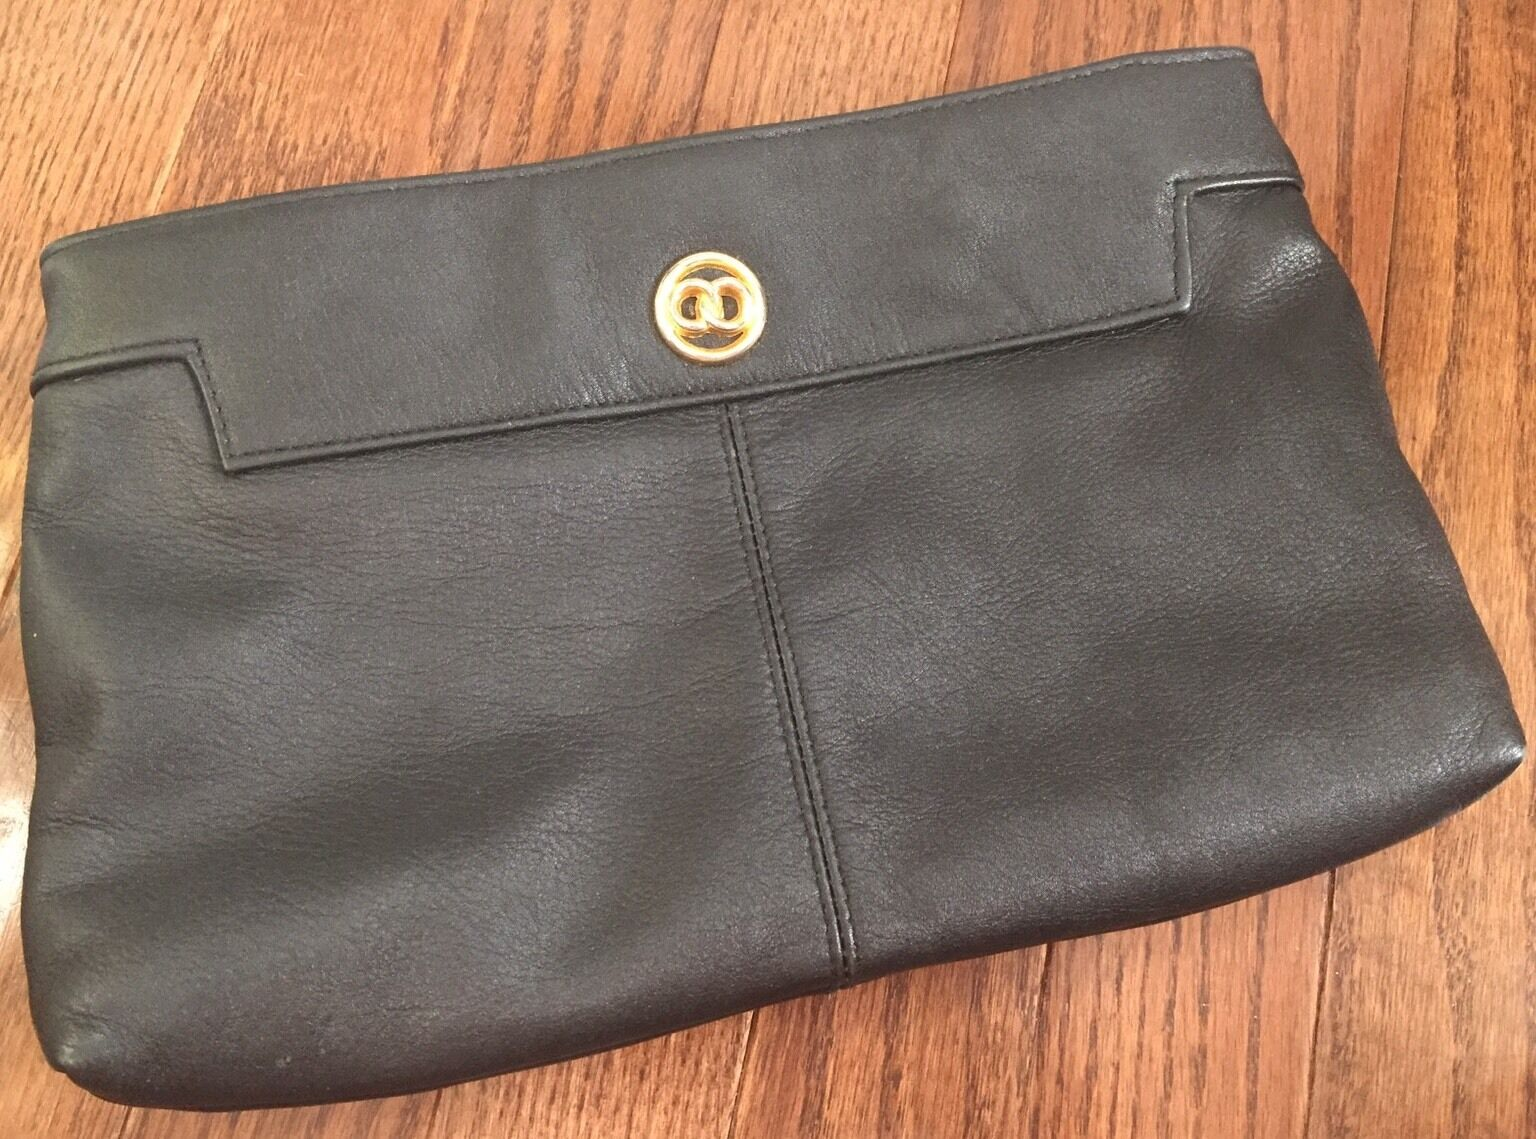 Cabin Creek Black Clutch Purse Genuine Leather